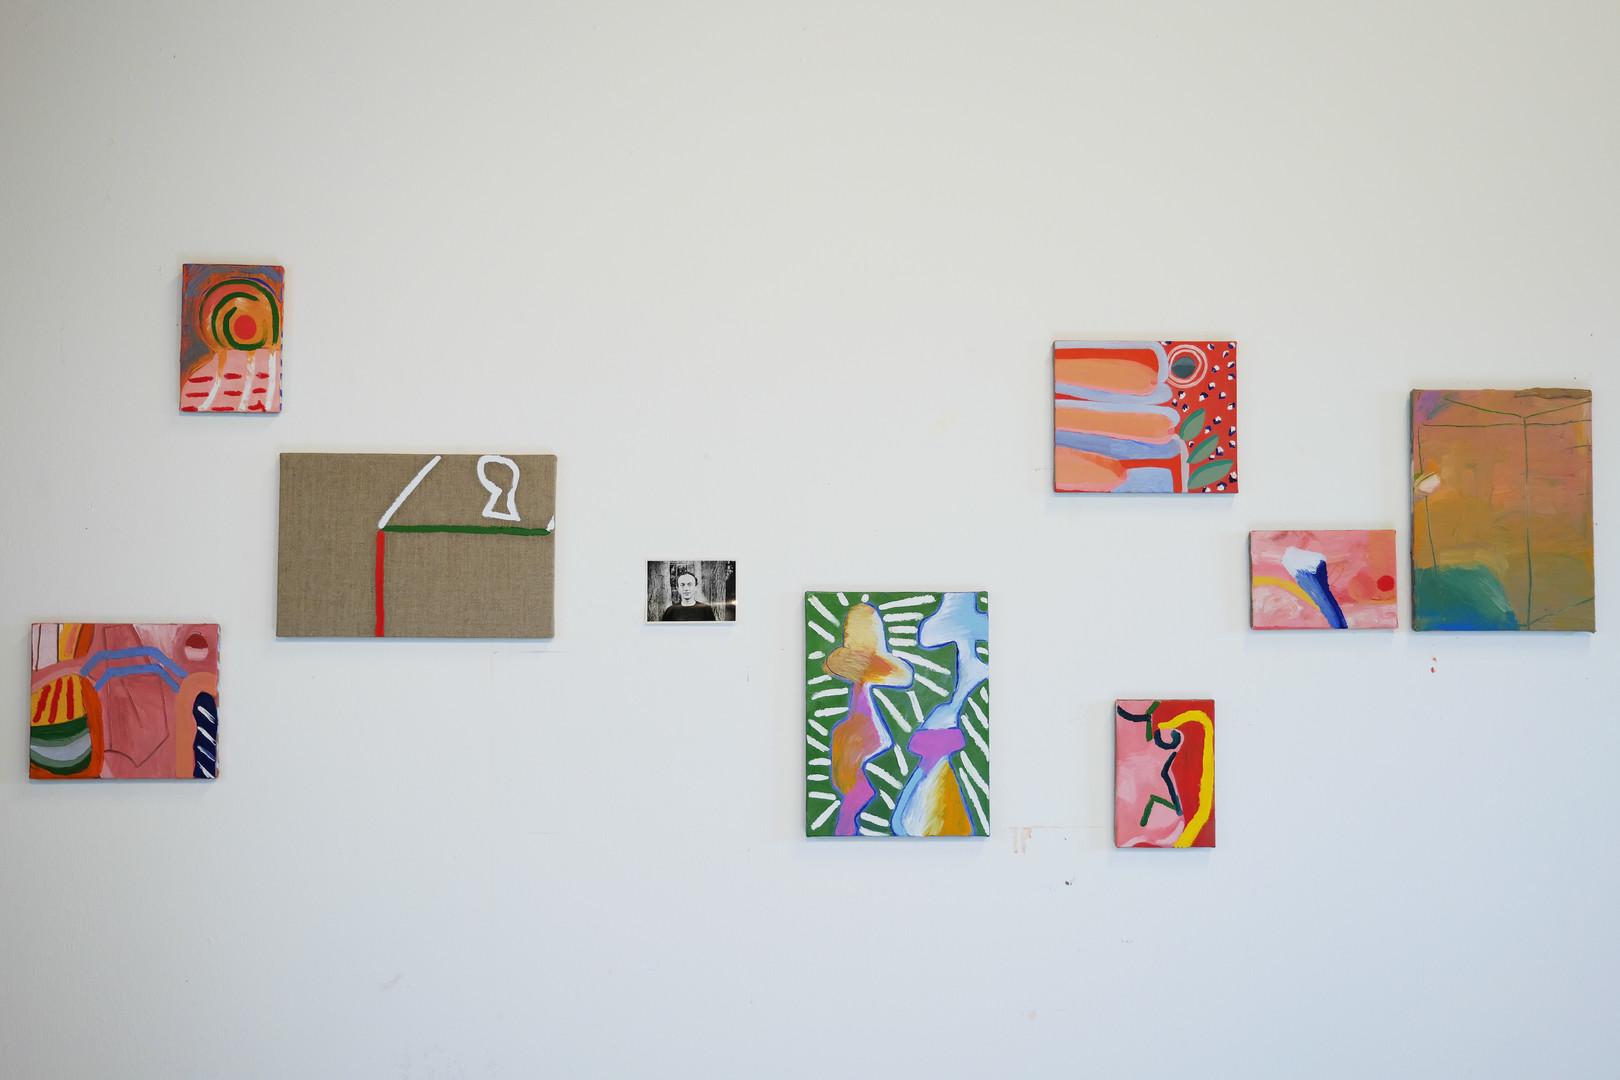 Obras [Artworks]